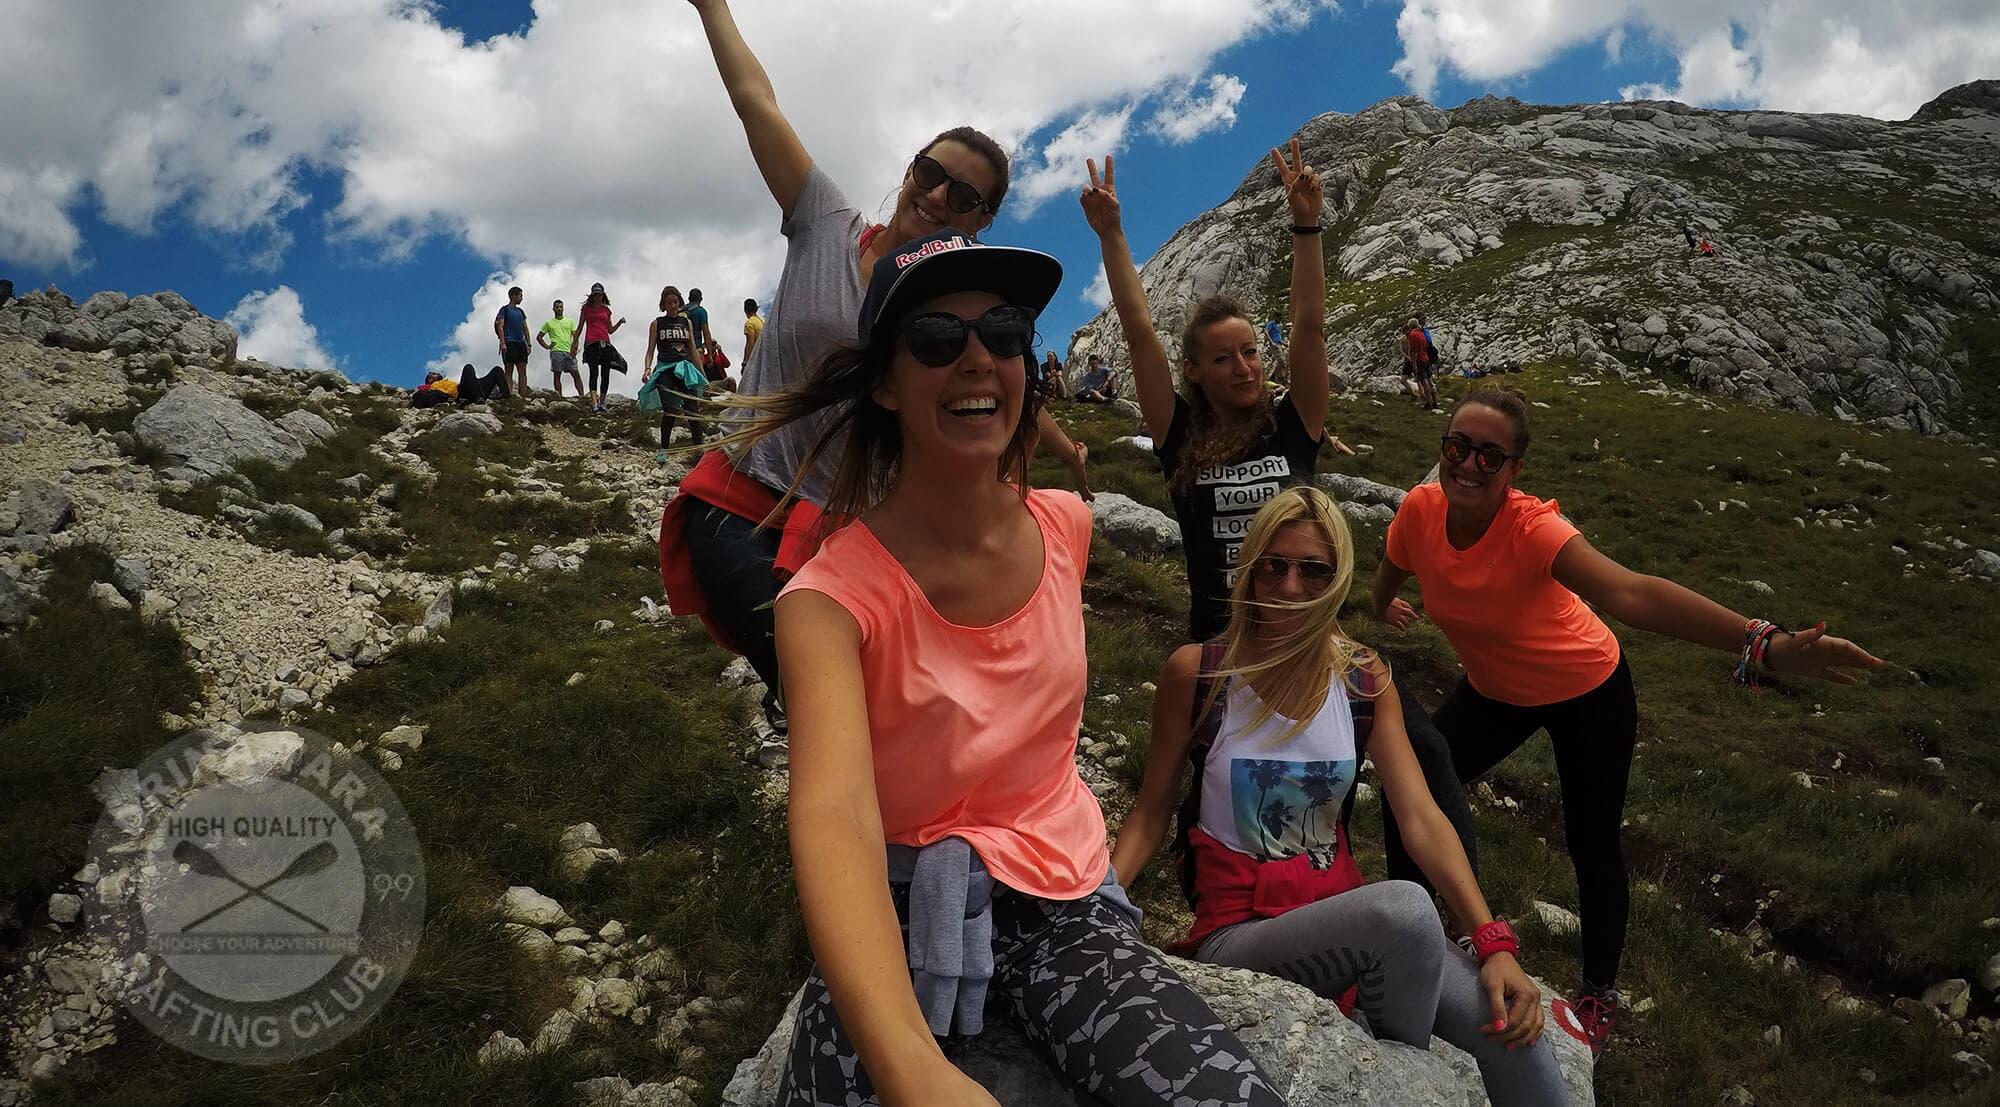 Zeseli mladi ljudi silaze niz planinu i slikaju selfi